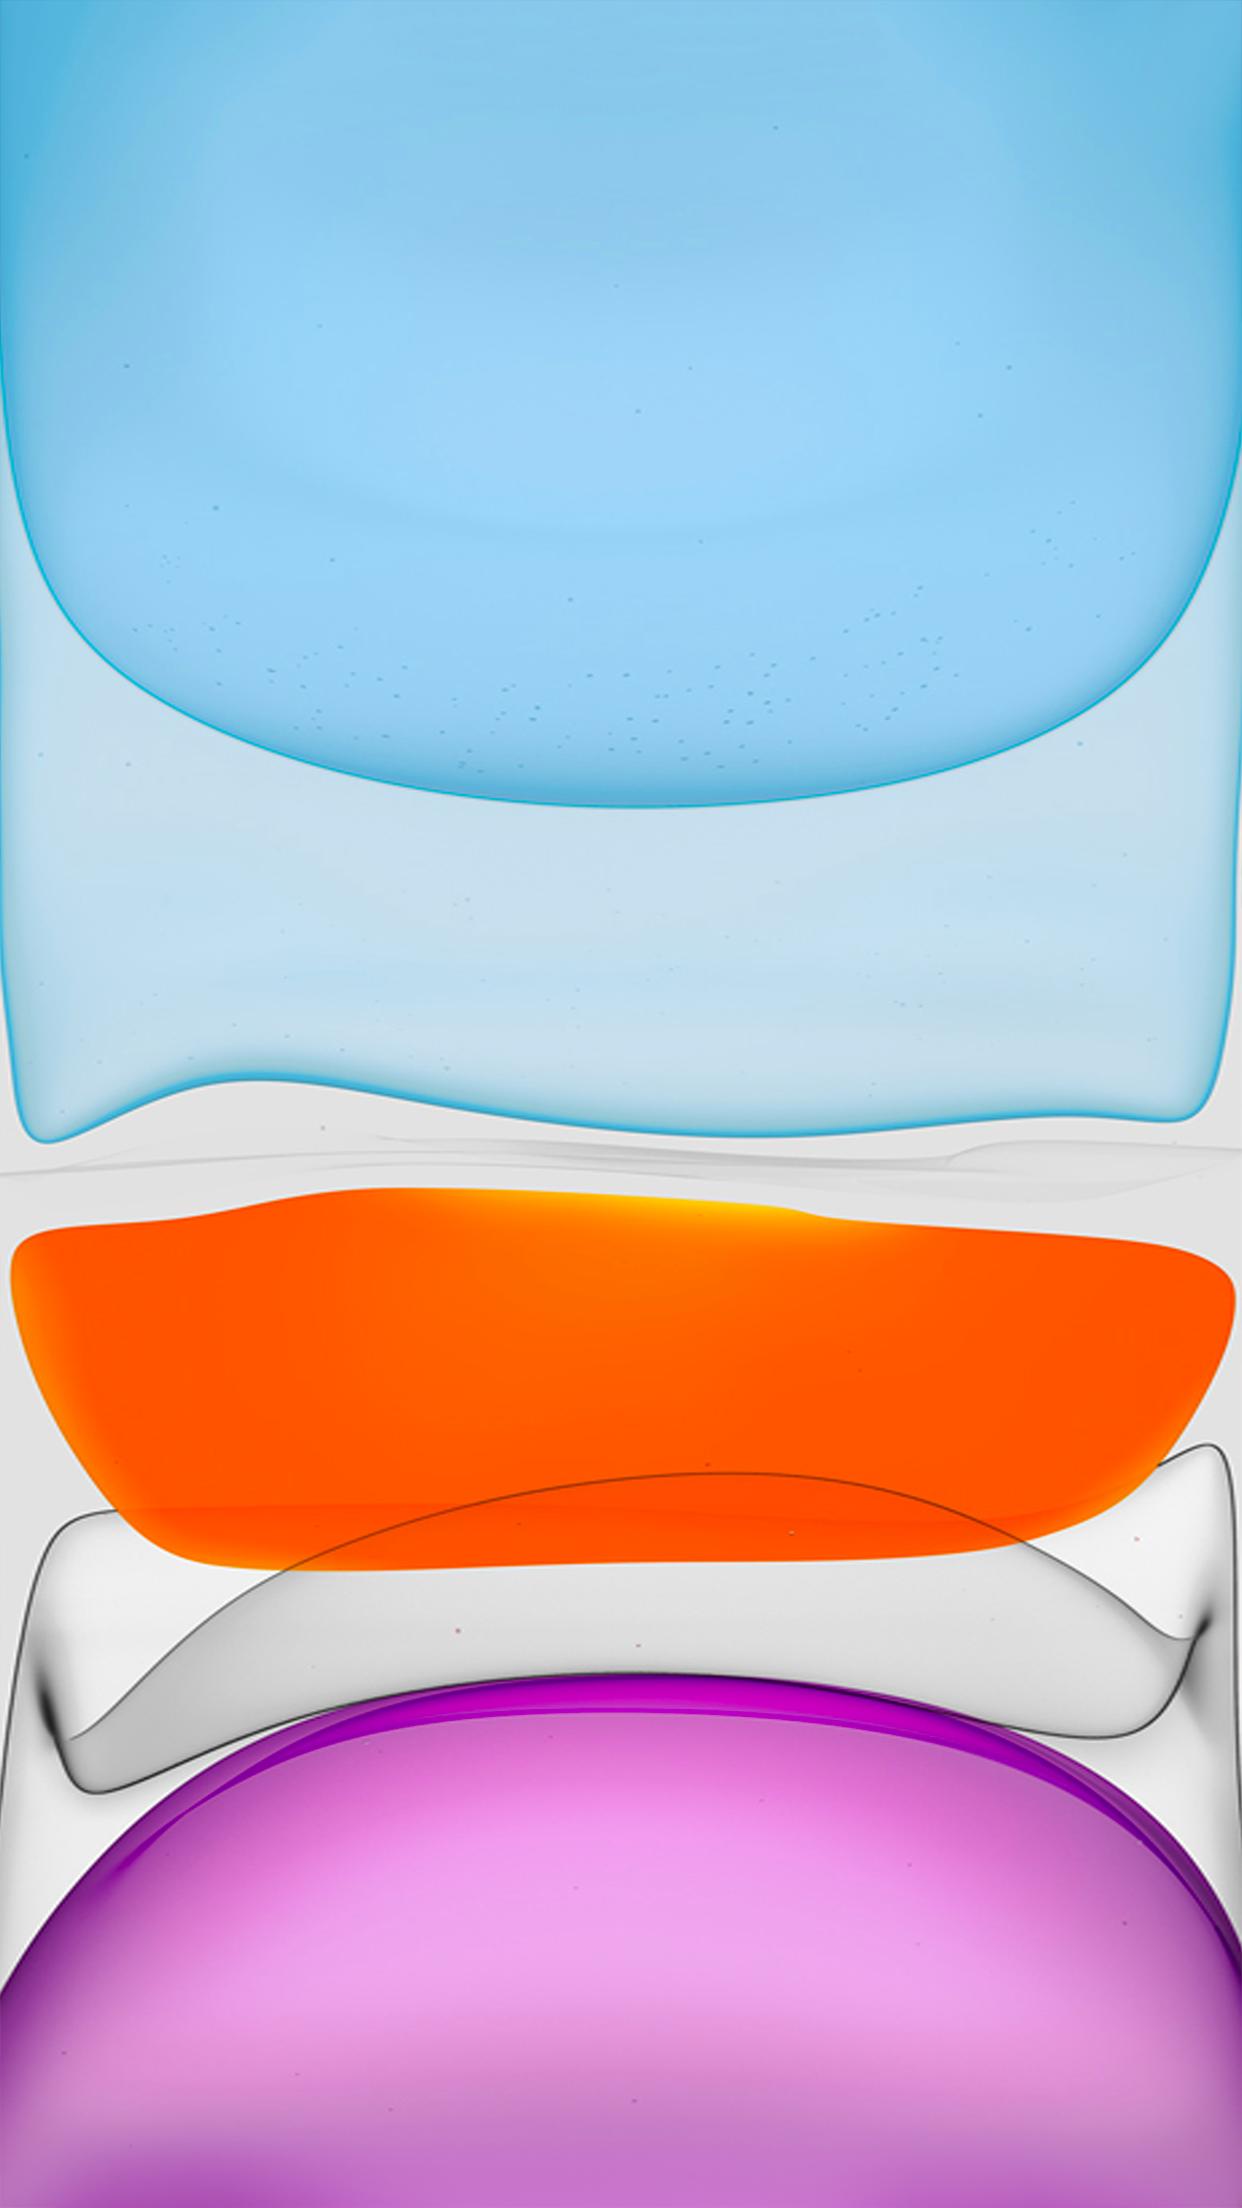 галерея дня официальные обои Iphone 11 и Iphone 11 Pro